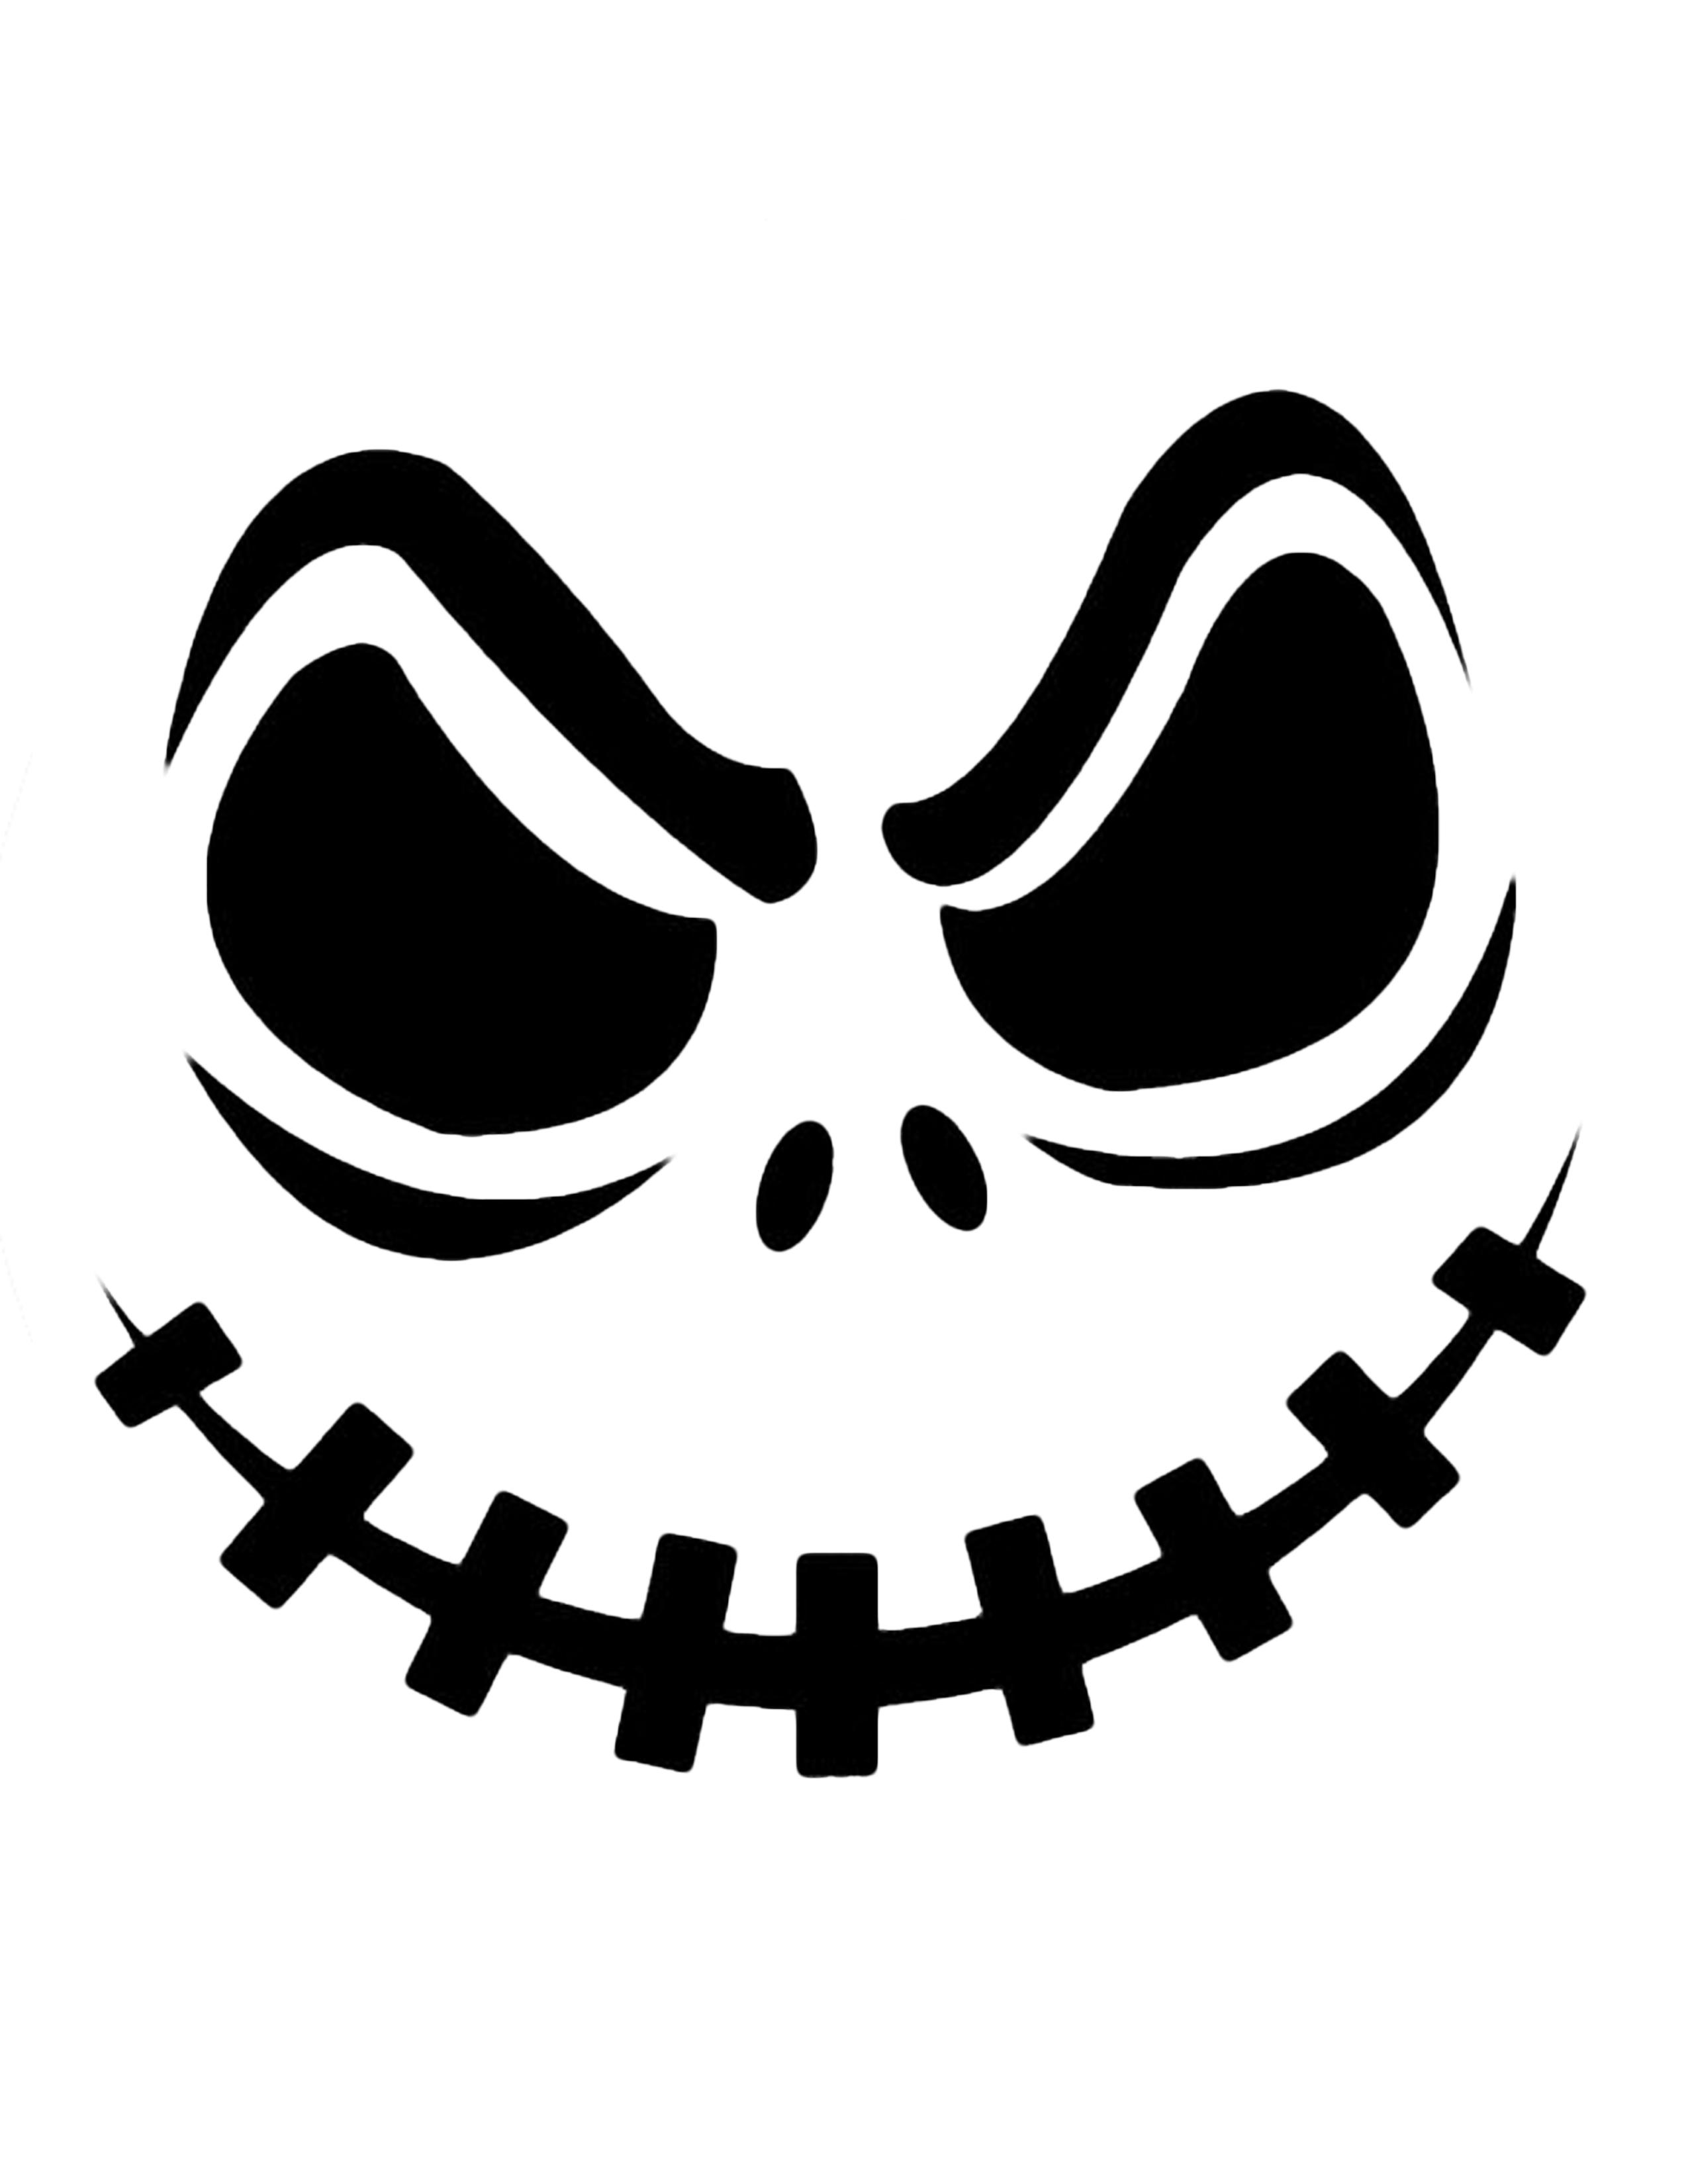 Scary Face Pattern Pumpkin Scary Face Pattern Pumpkin Free Pattern